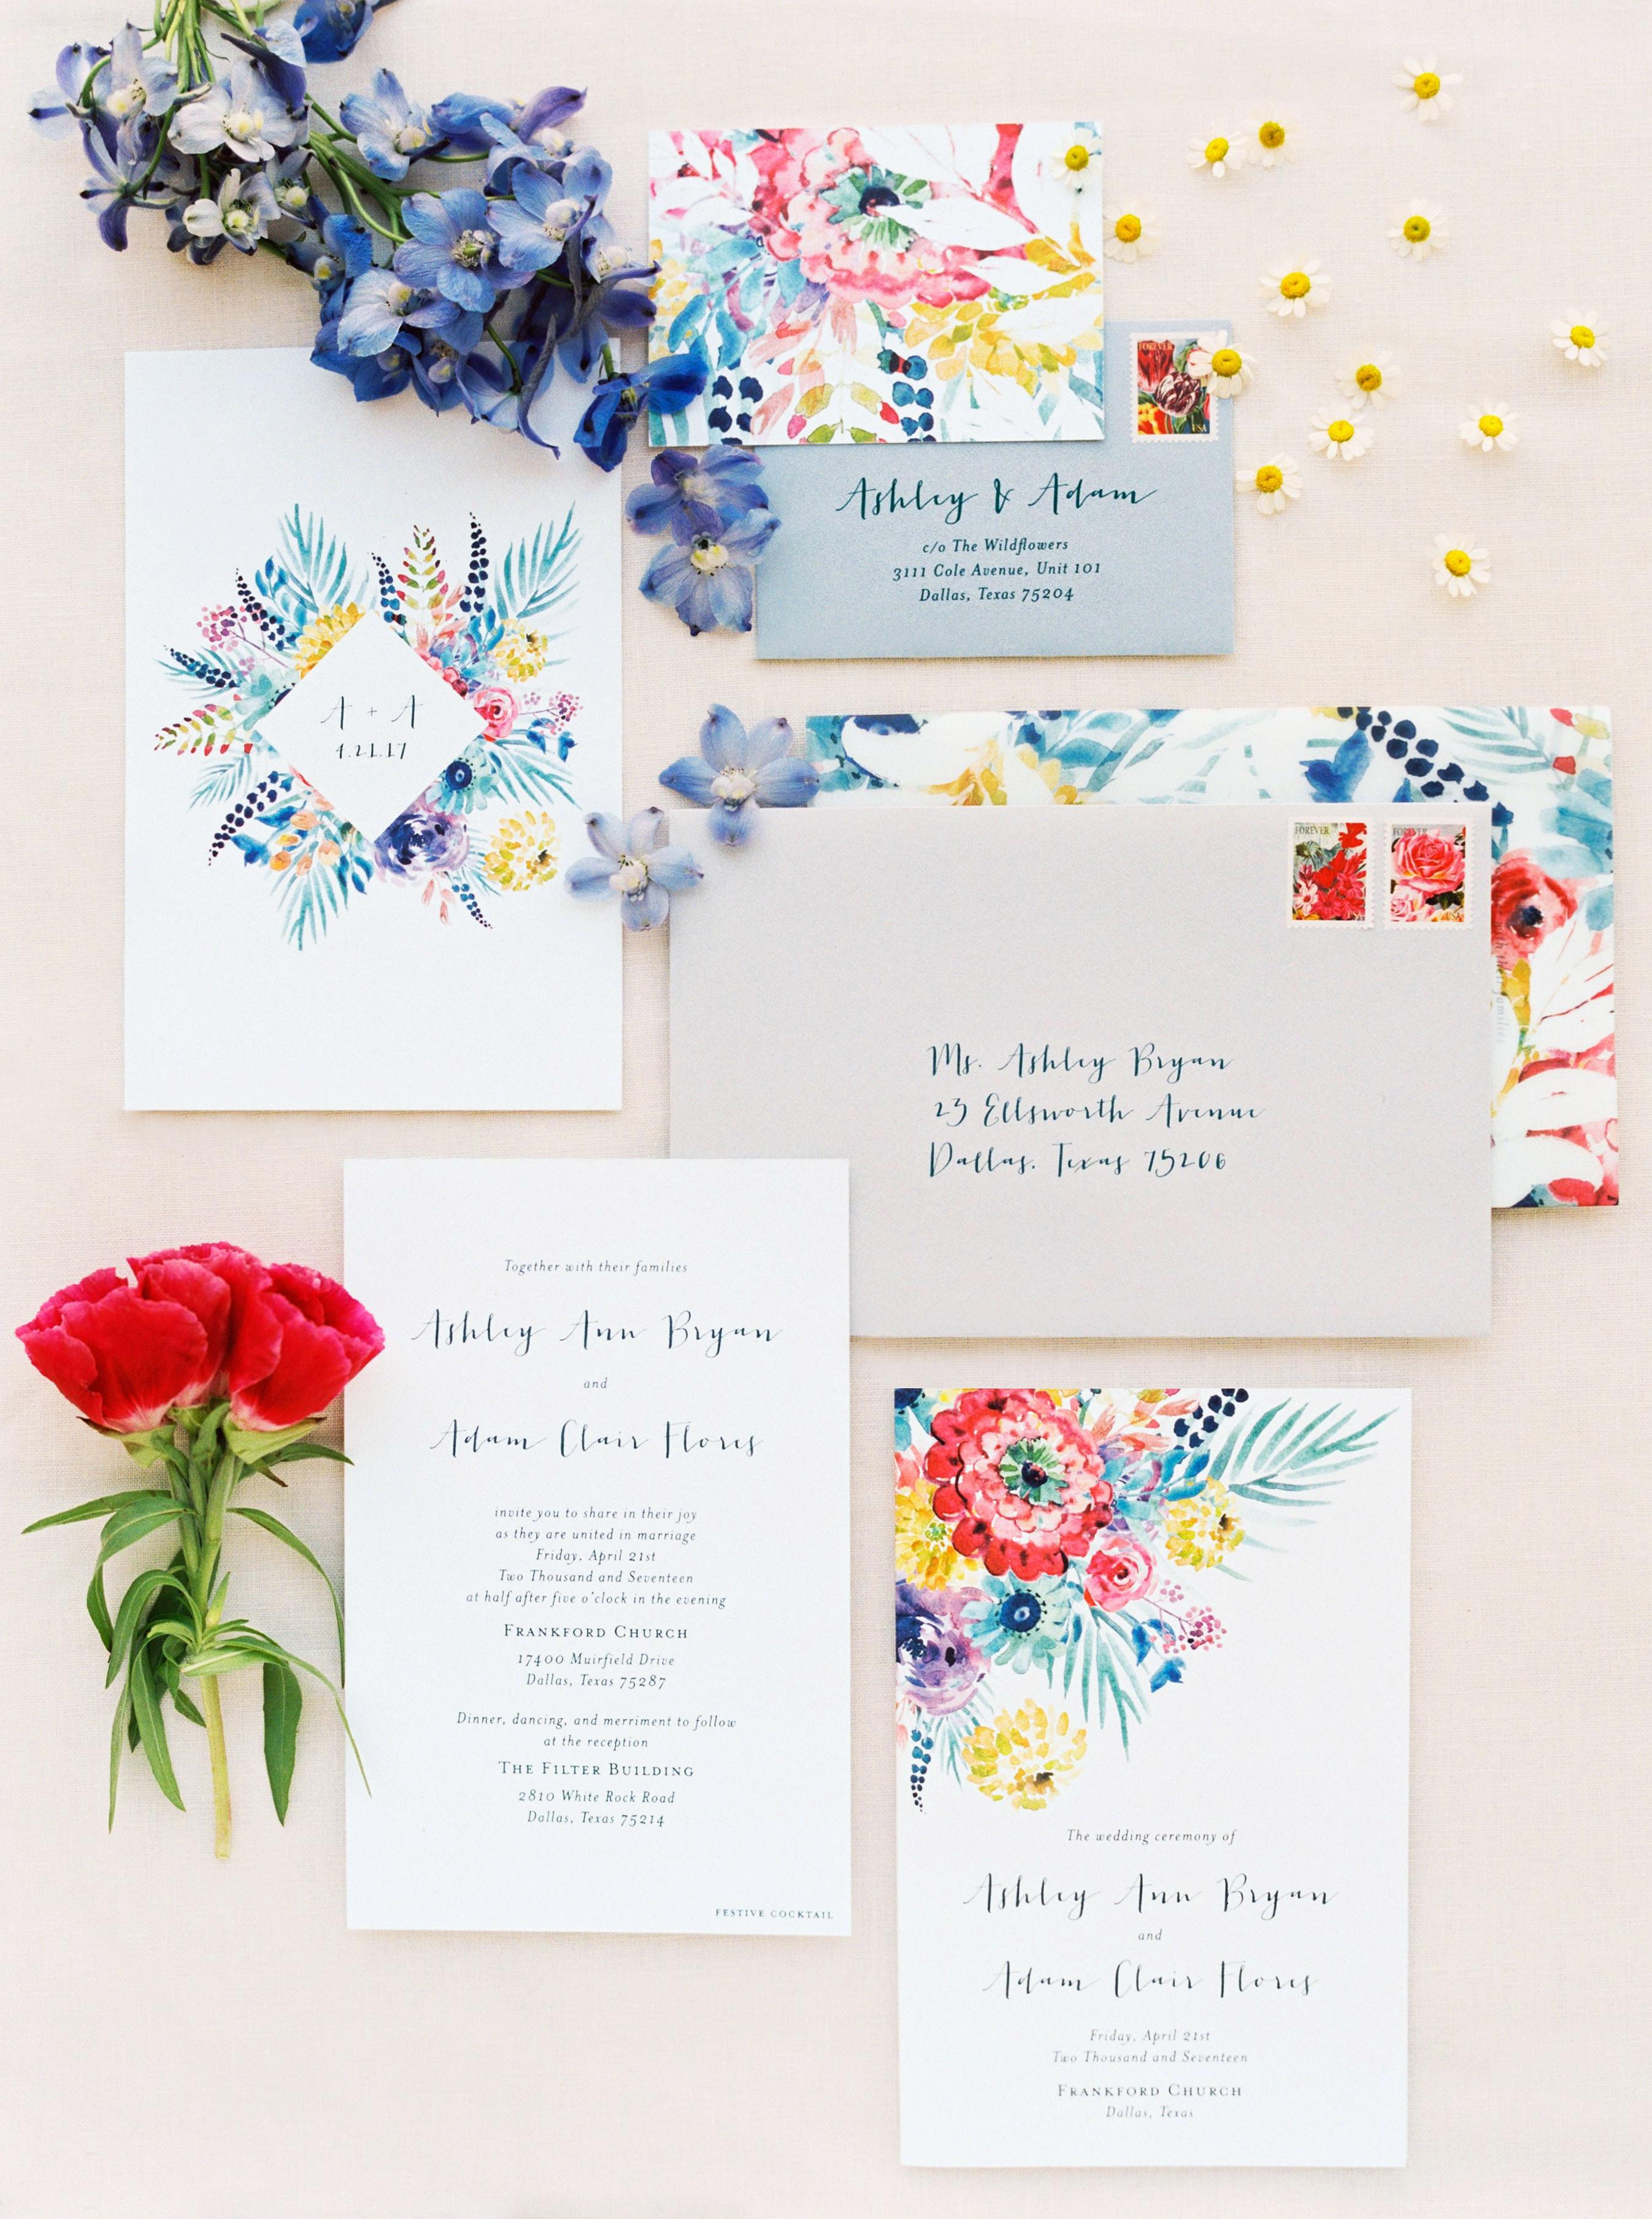 ashley adam wedding texas stationery